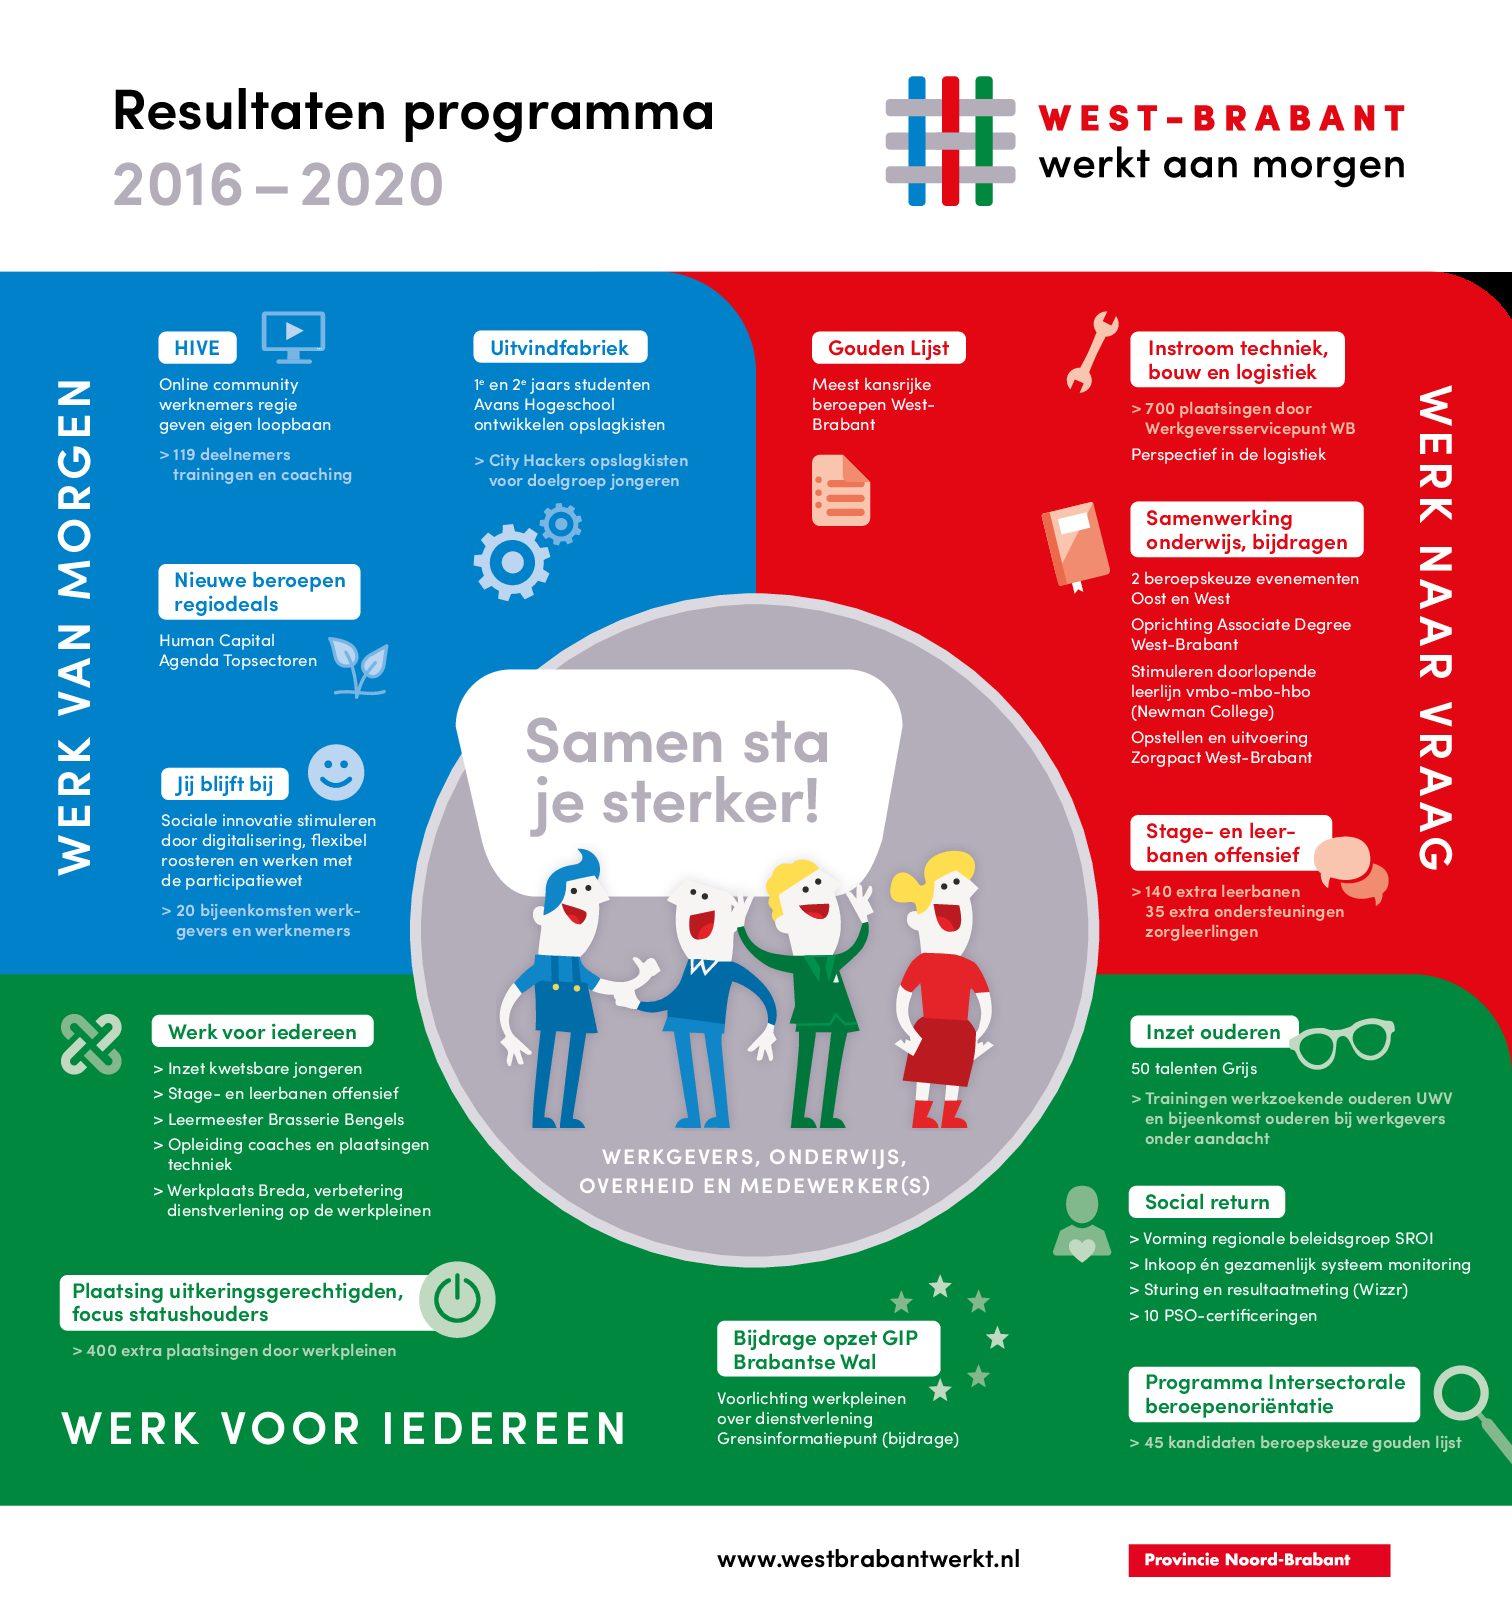 Impact 'West-Brabant werkt aan morgen'